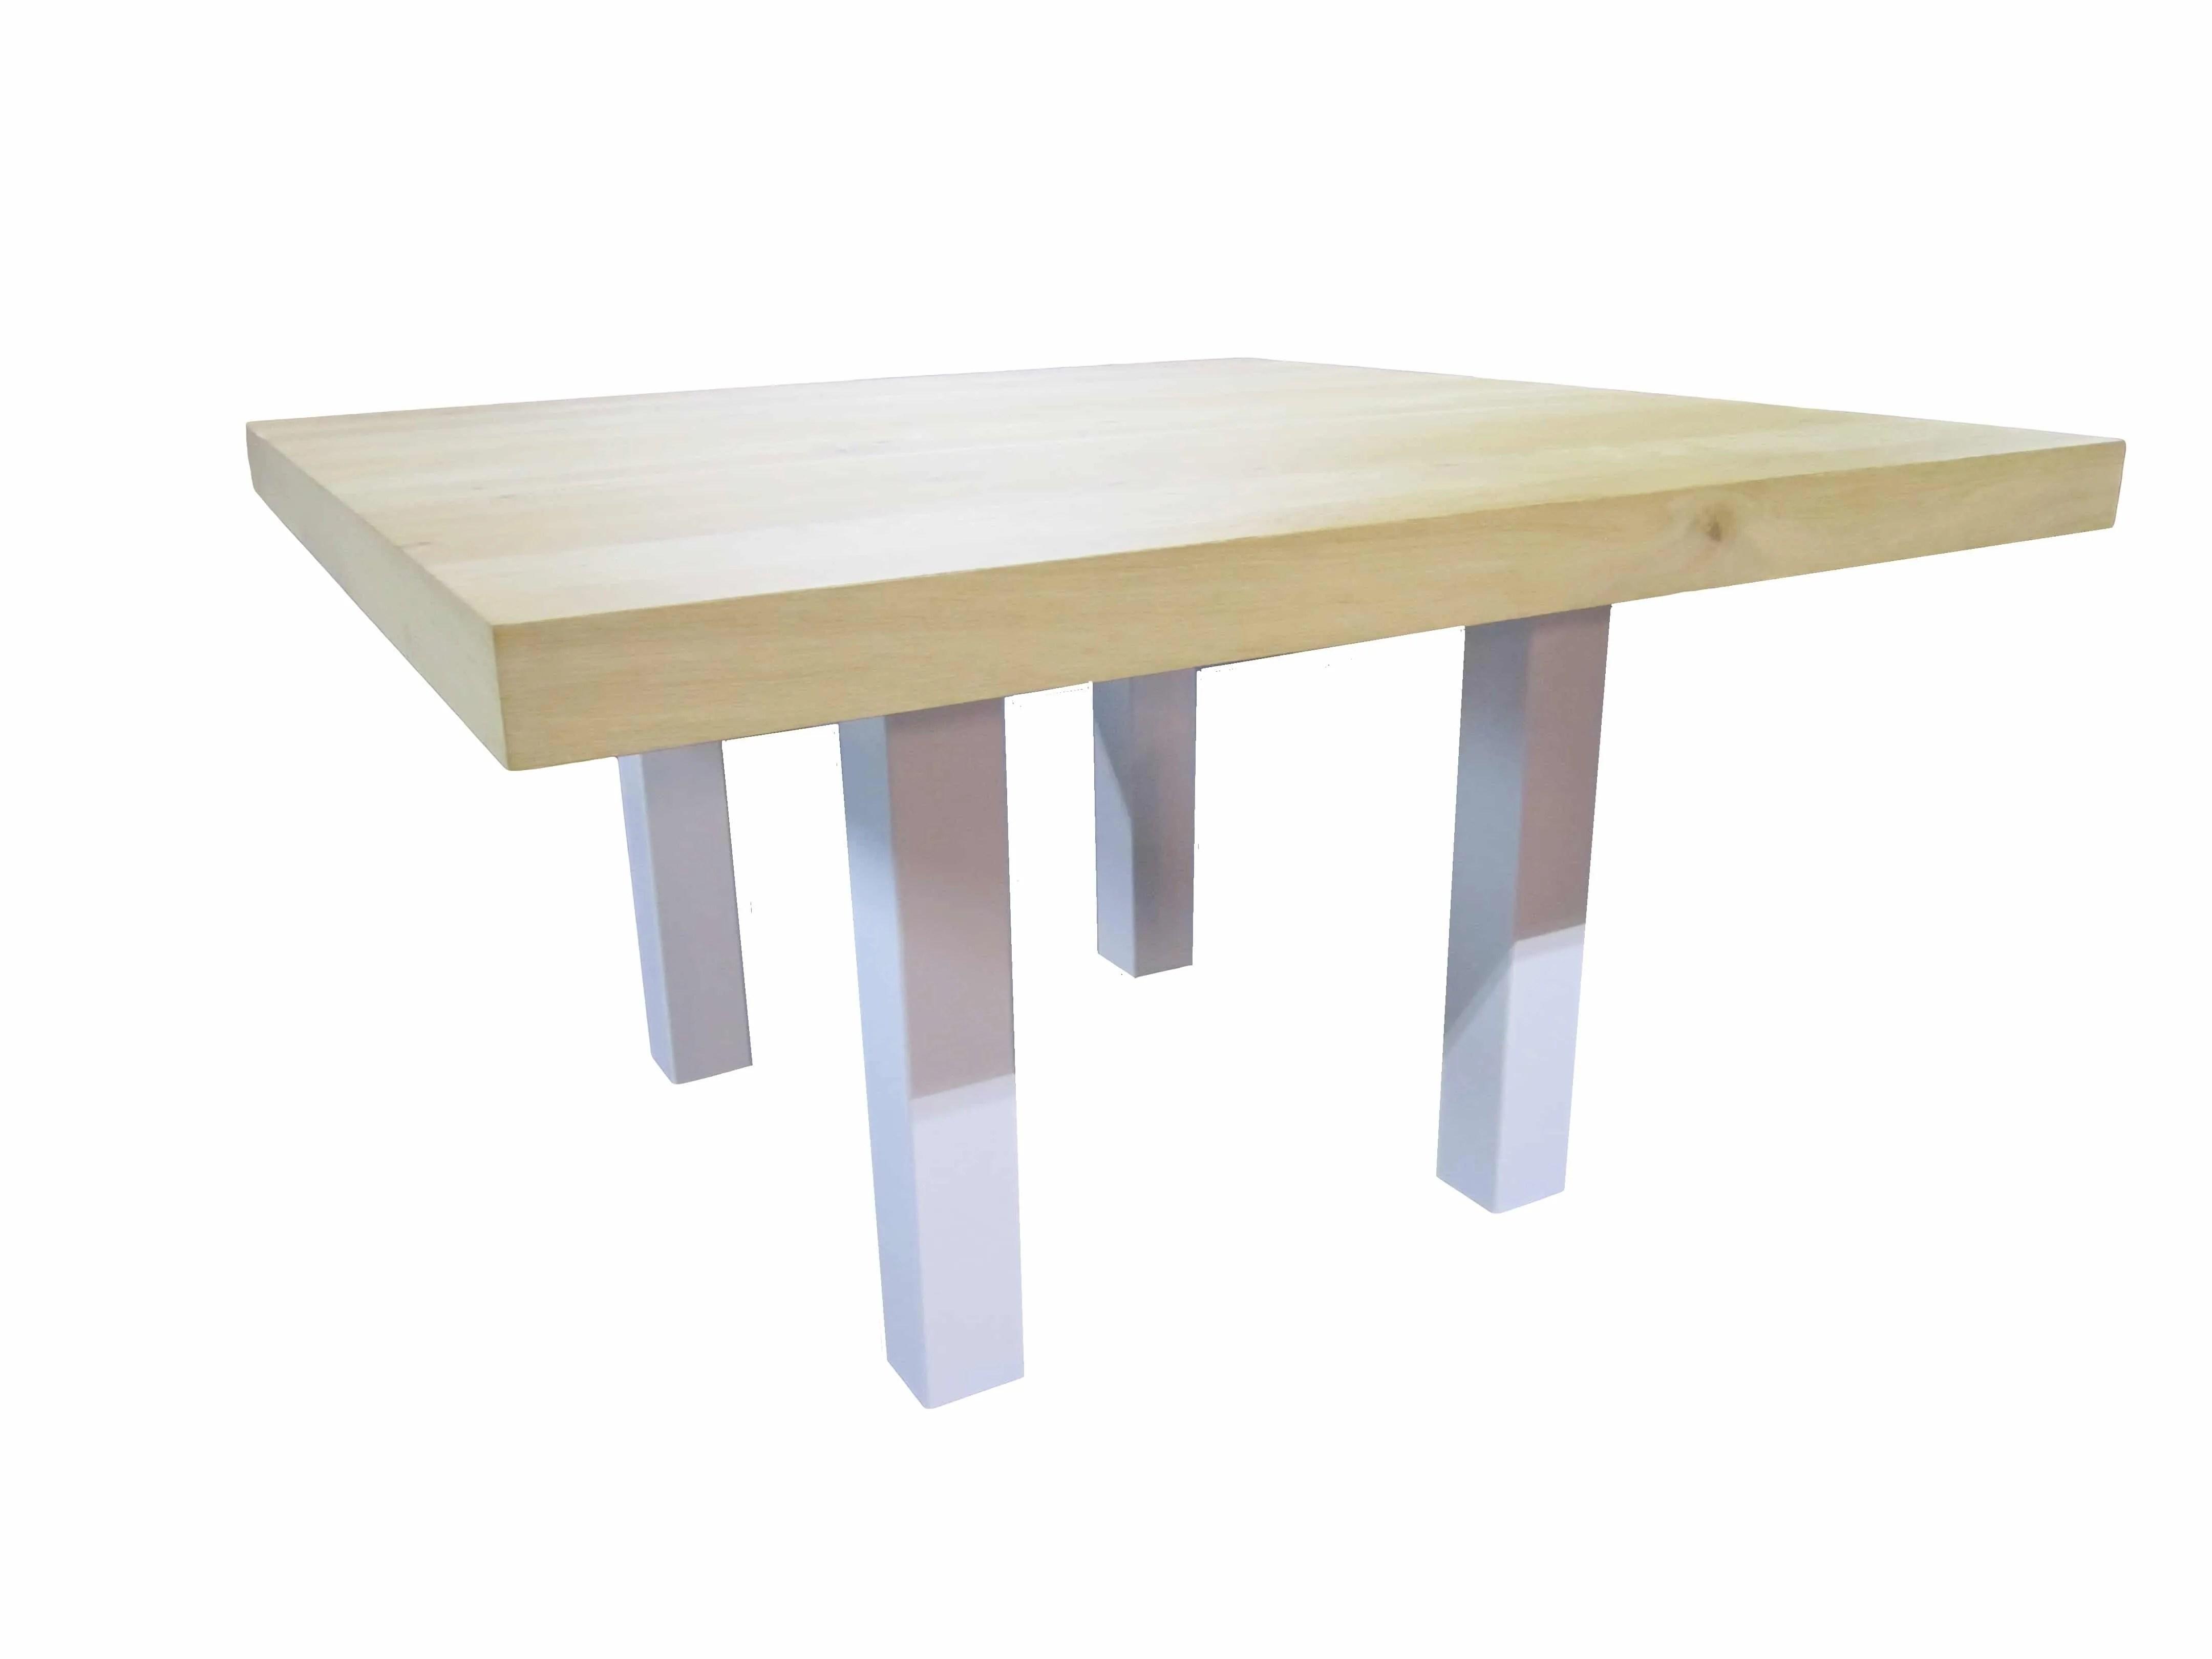 Tafel Stalen Poten : Stalen poten tafel industriële eettafel met stalen poten